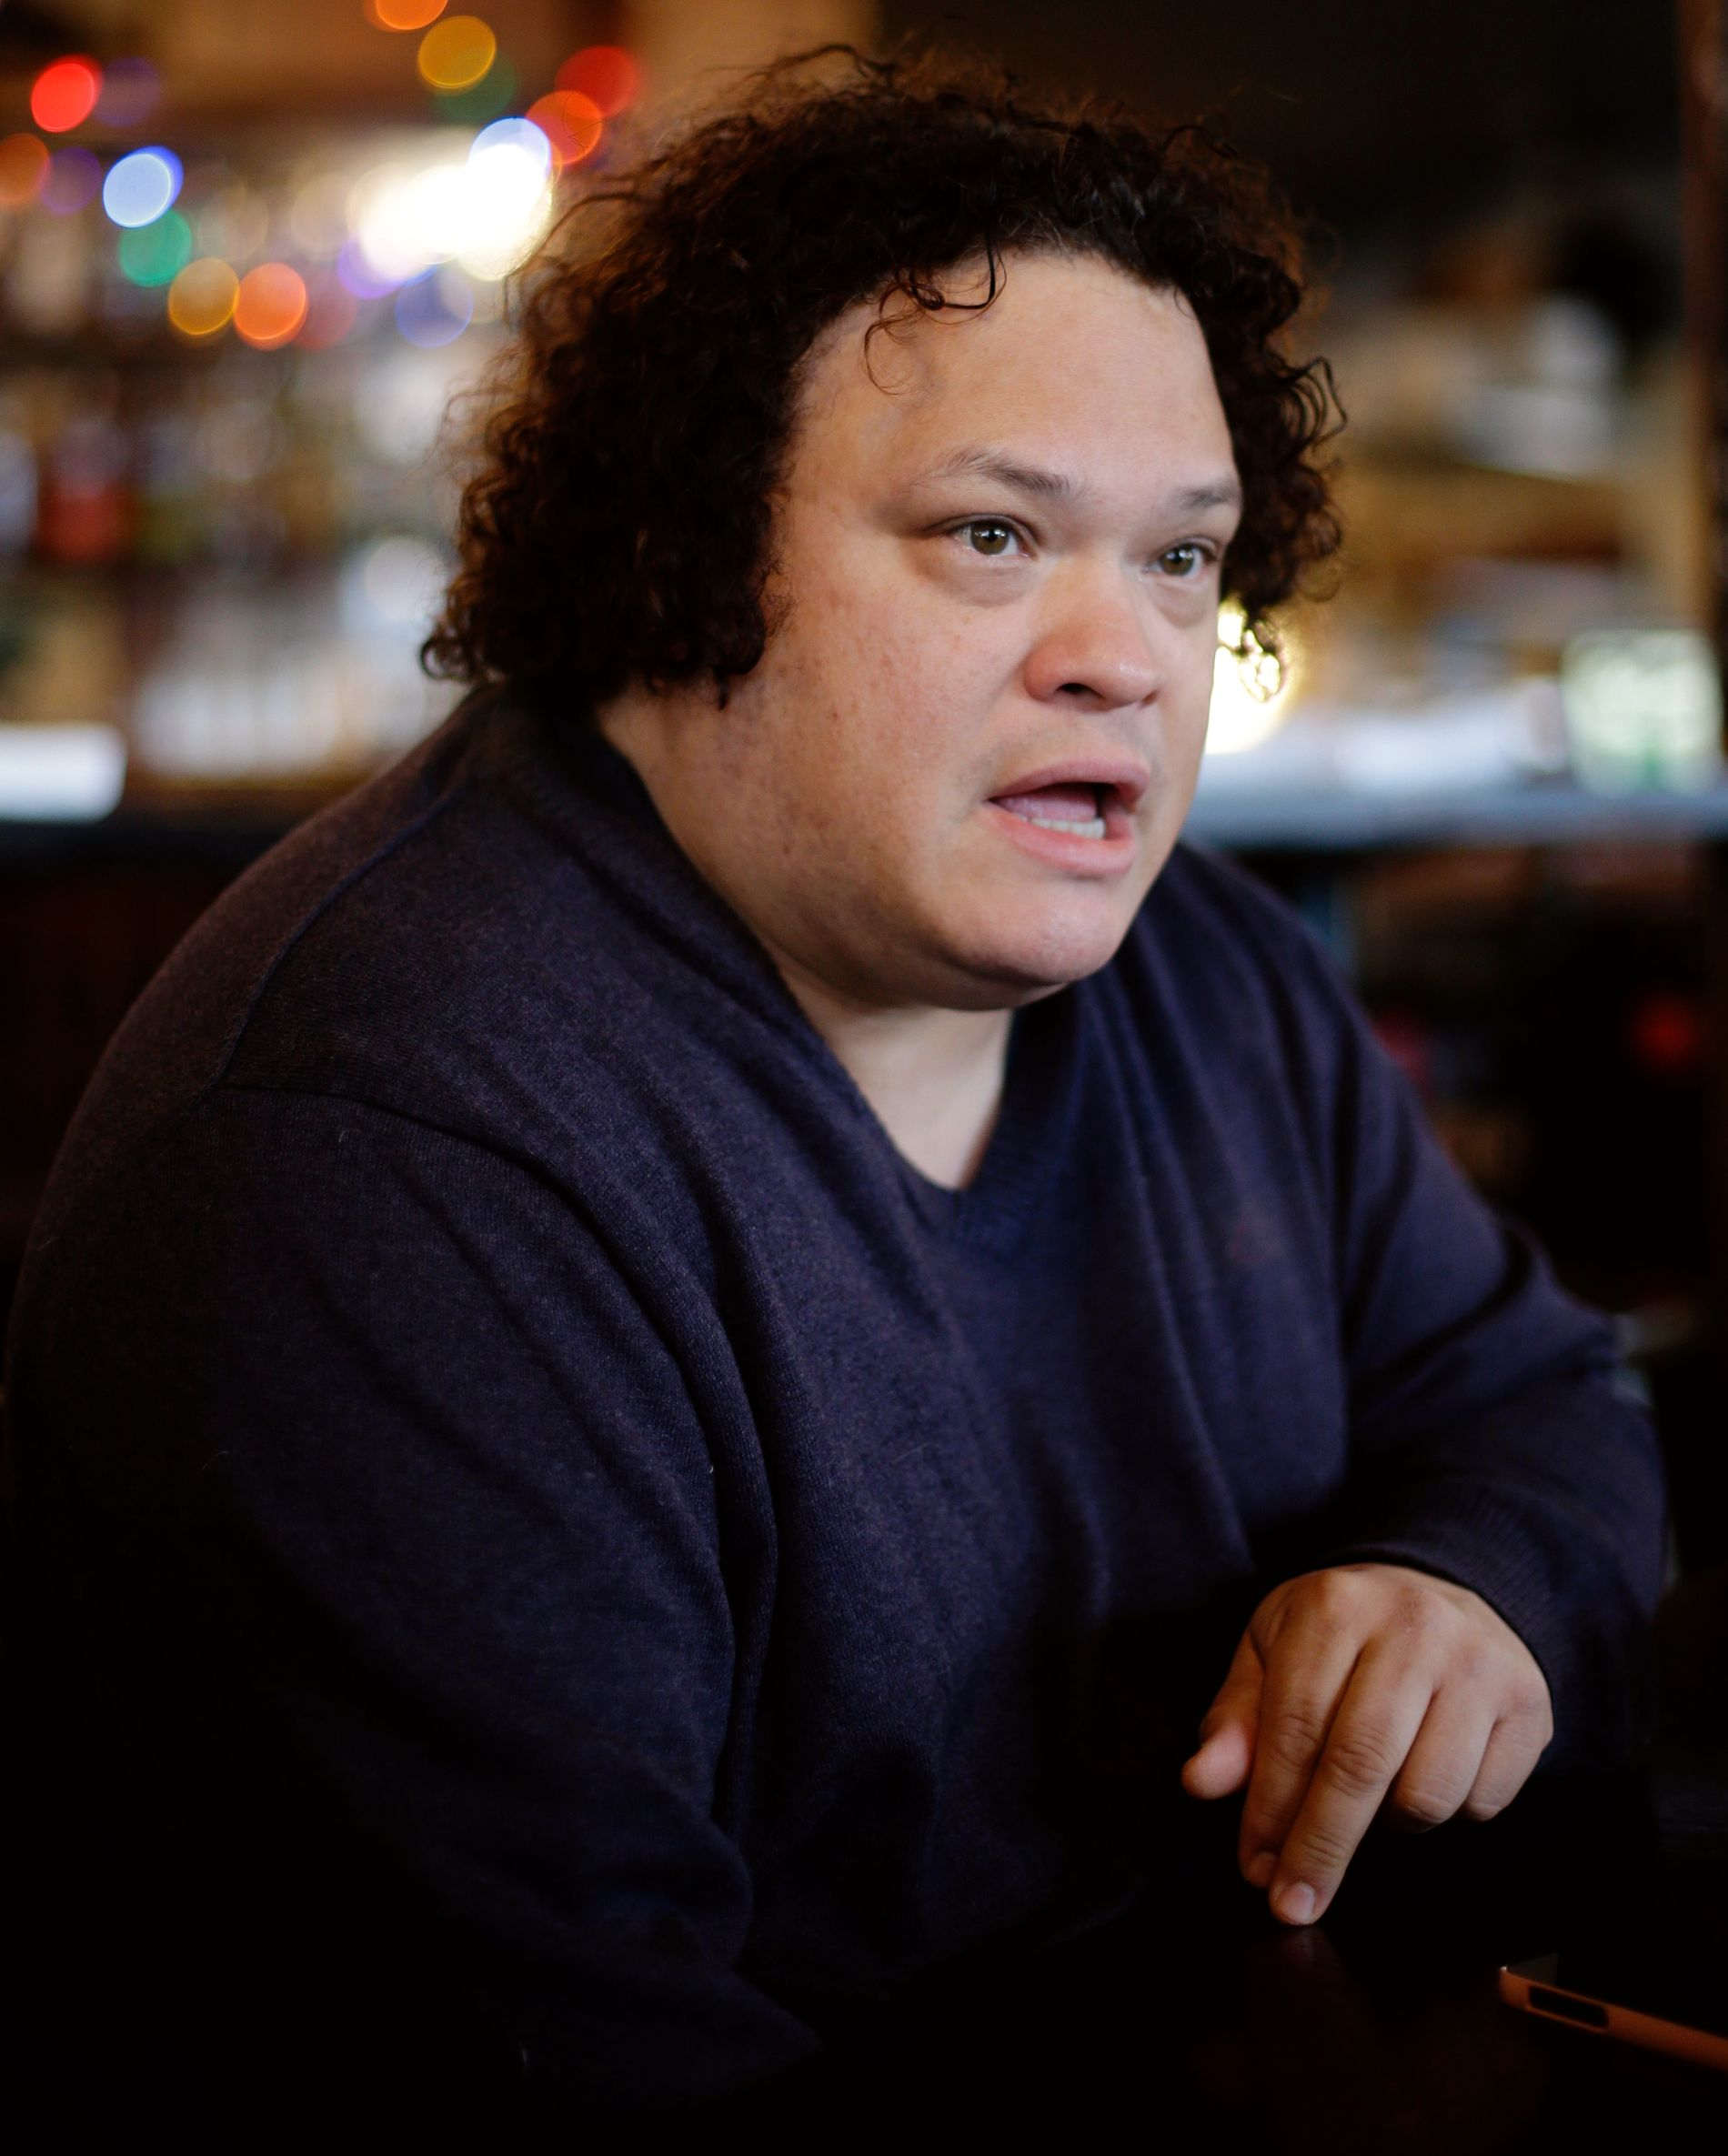 SPILLER MOT JOHNSEN: Adrian Martinez, som har en rekke store filmer på CV-en.